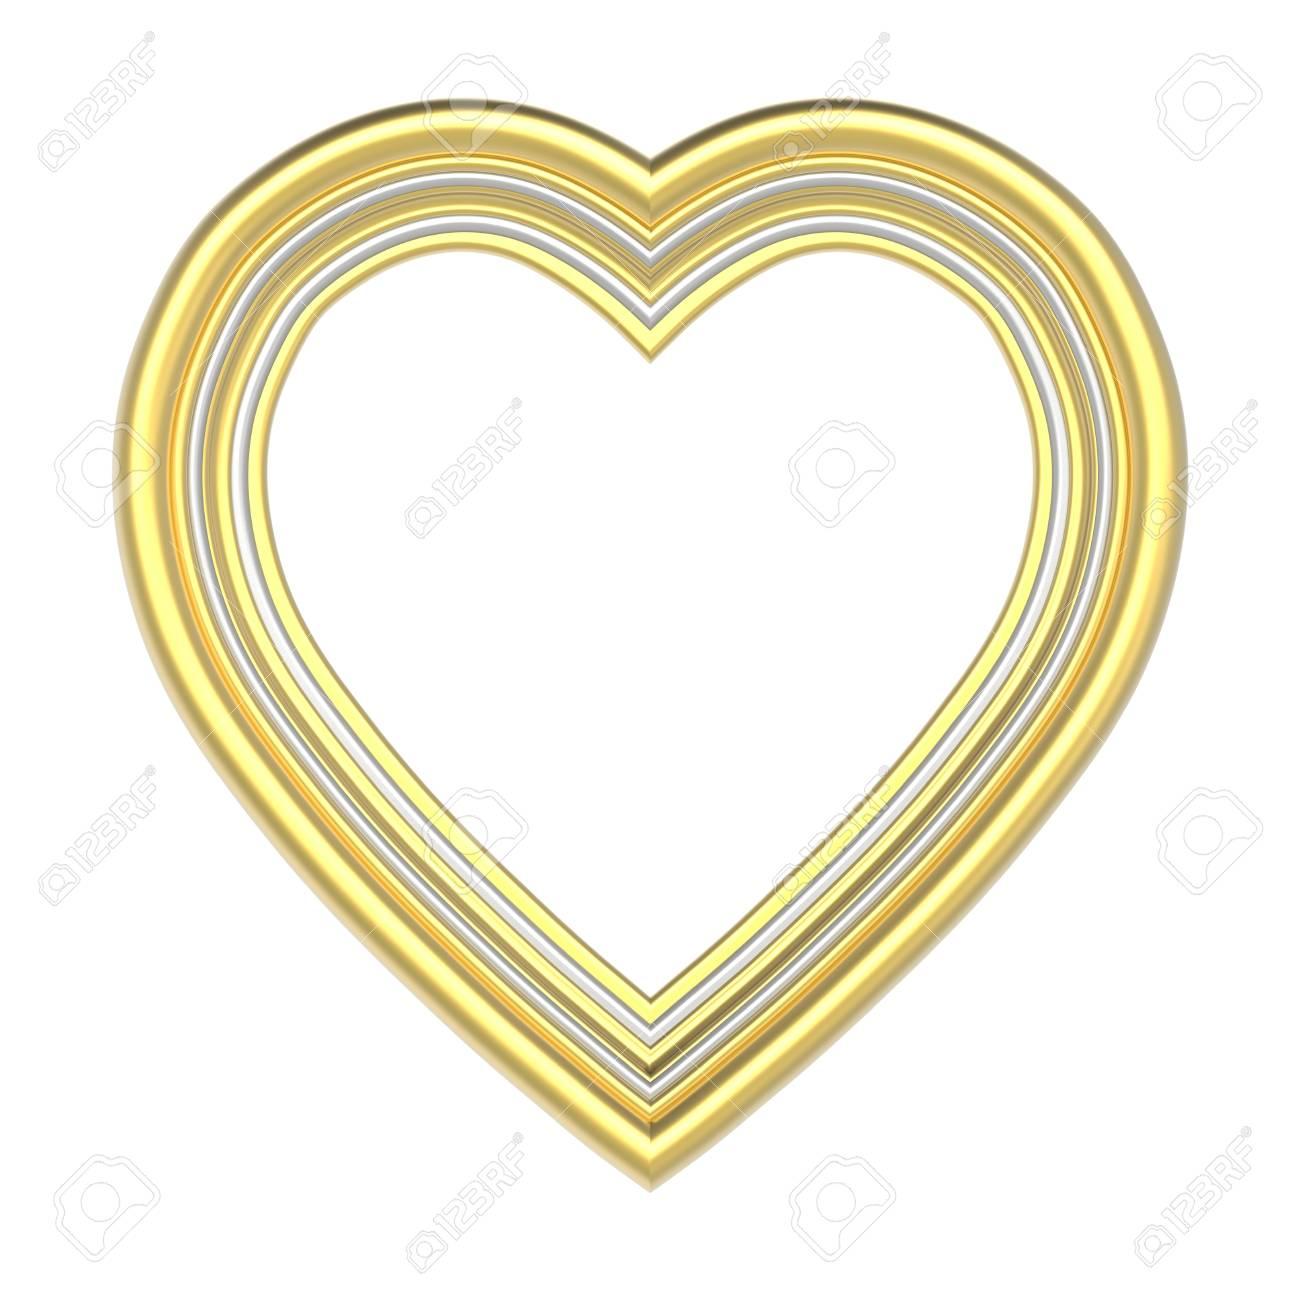 Gold Silber Herz Bilderrahmen Isoliert Auf Weiß. 3D-Darstellung ...